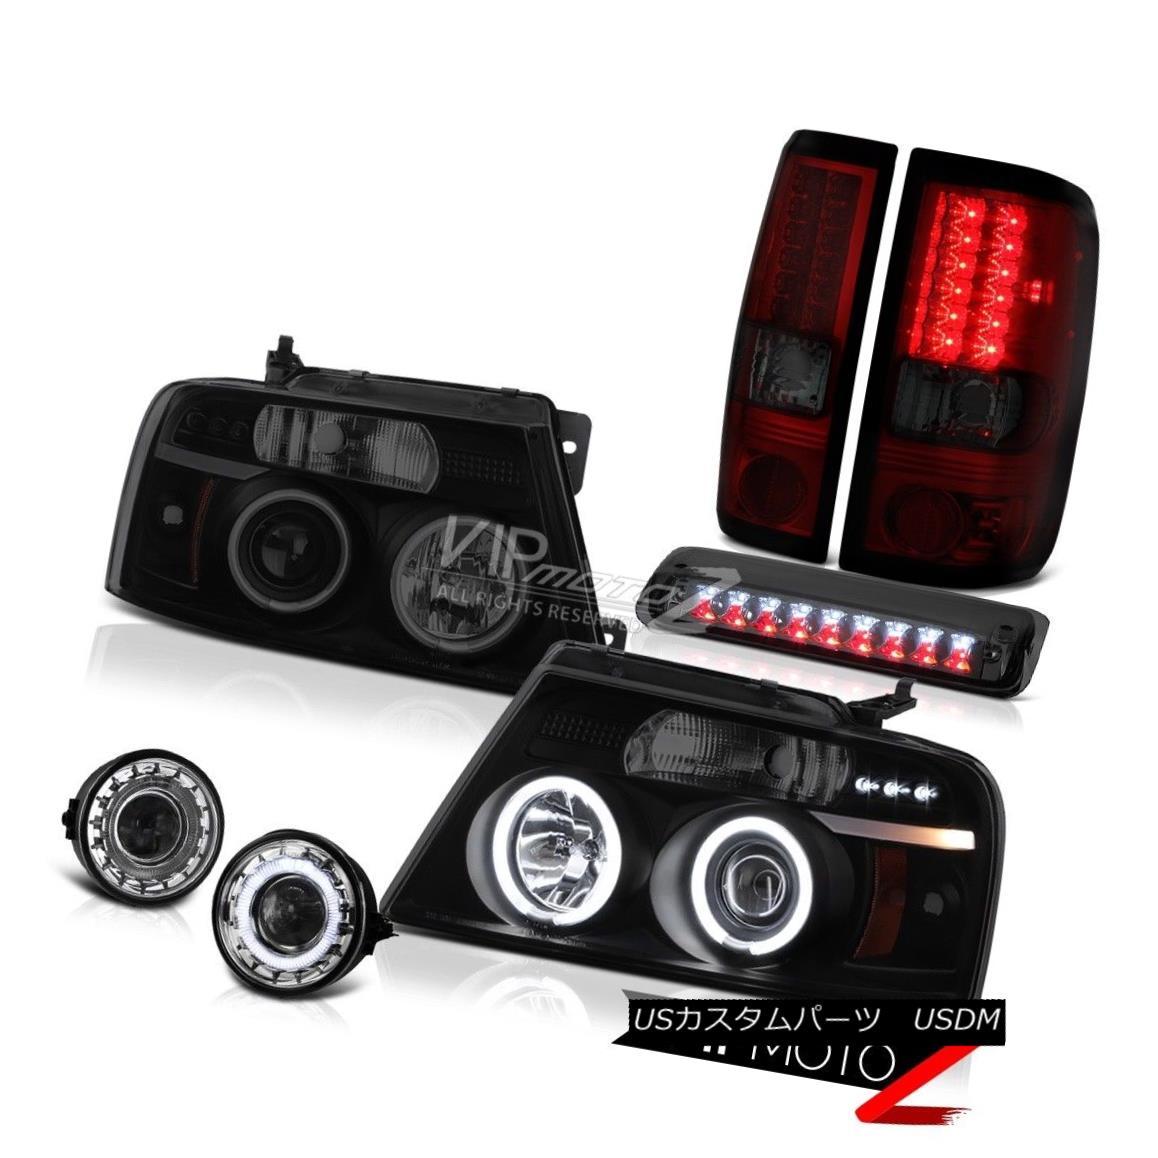 ヘッドライト 06-08 Ford F150 FX4 Fog Lights Roof Cab Light Headlights Tail LED CCFL Rim SMD 06-08 Ford F150 FX4フォグライトルーフキャブライトヘッドライトテールLED CCFLリムSMD